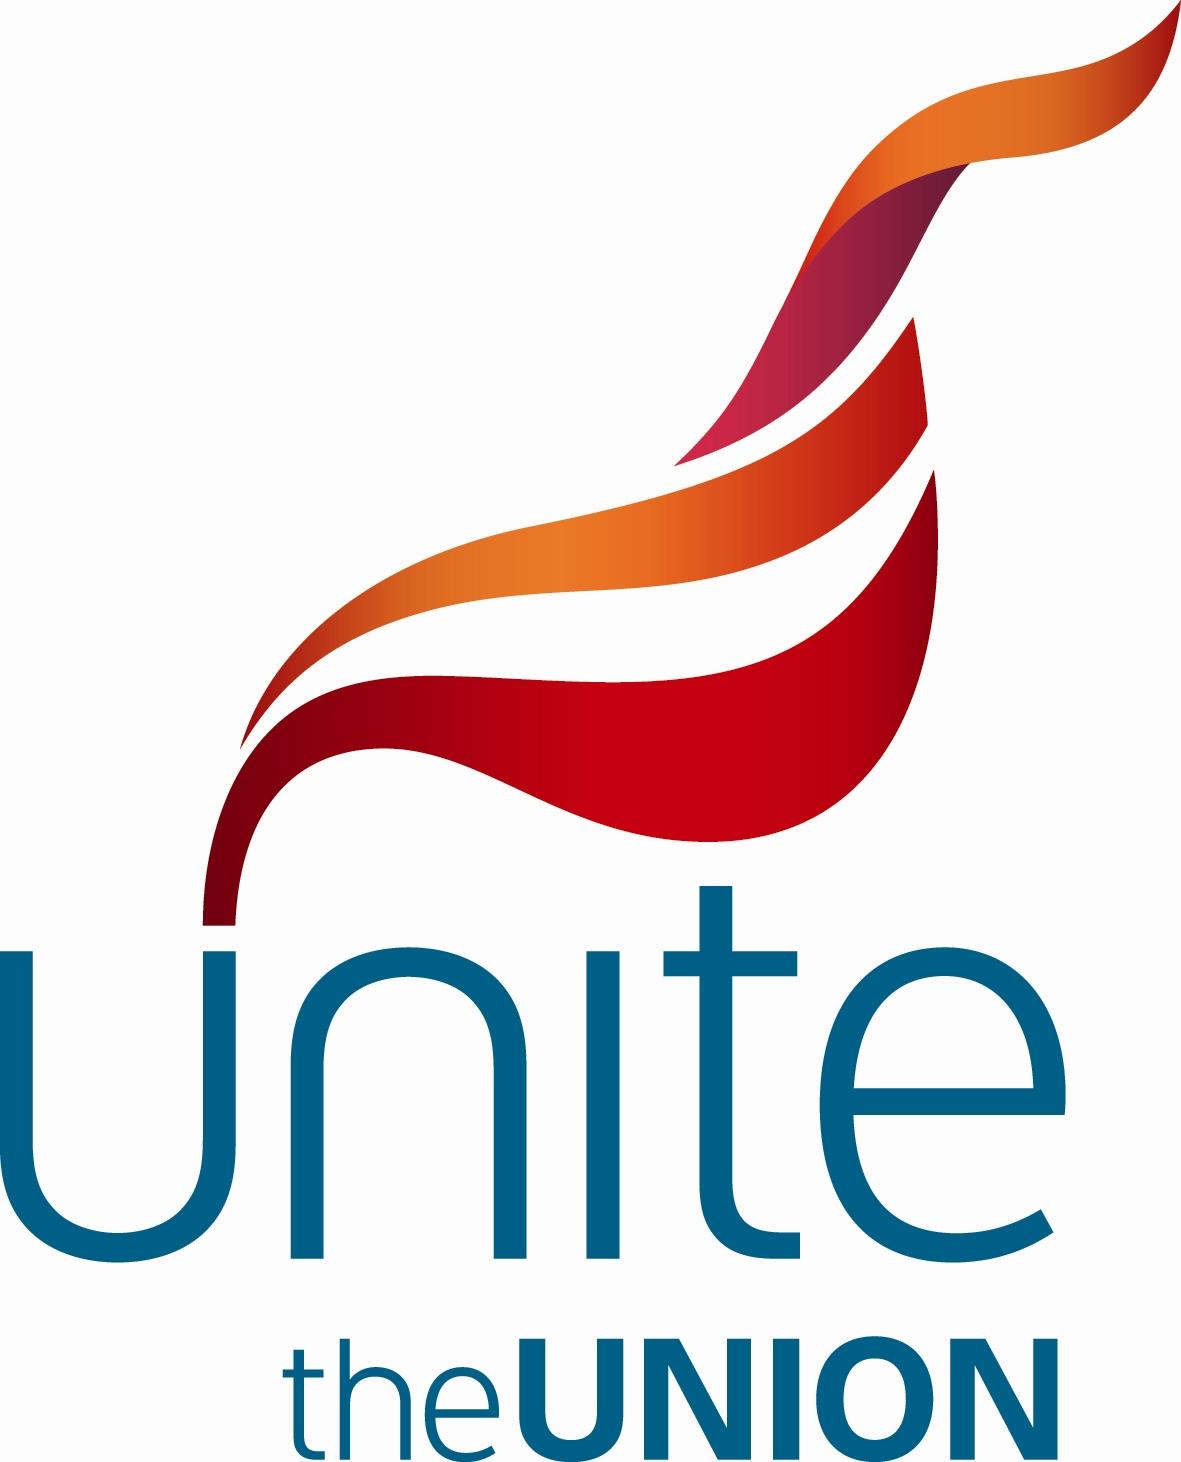 Unite: The Offshore Trade Union